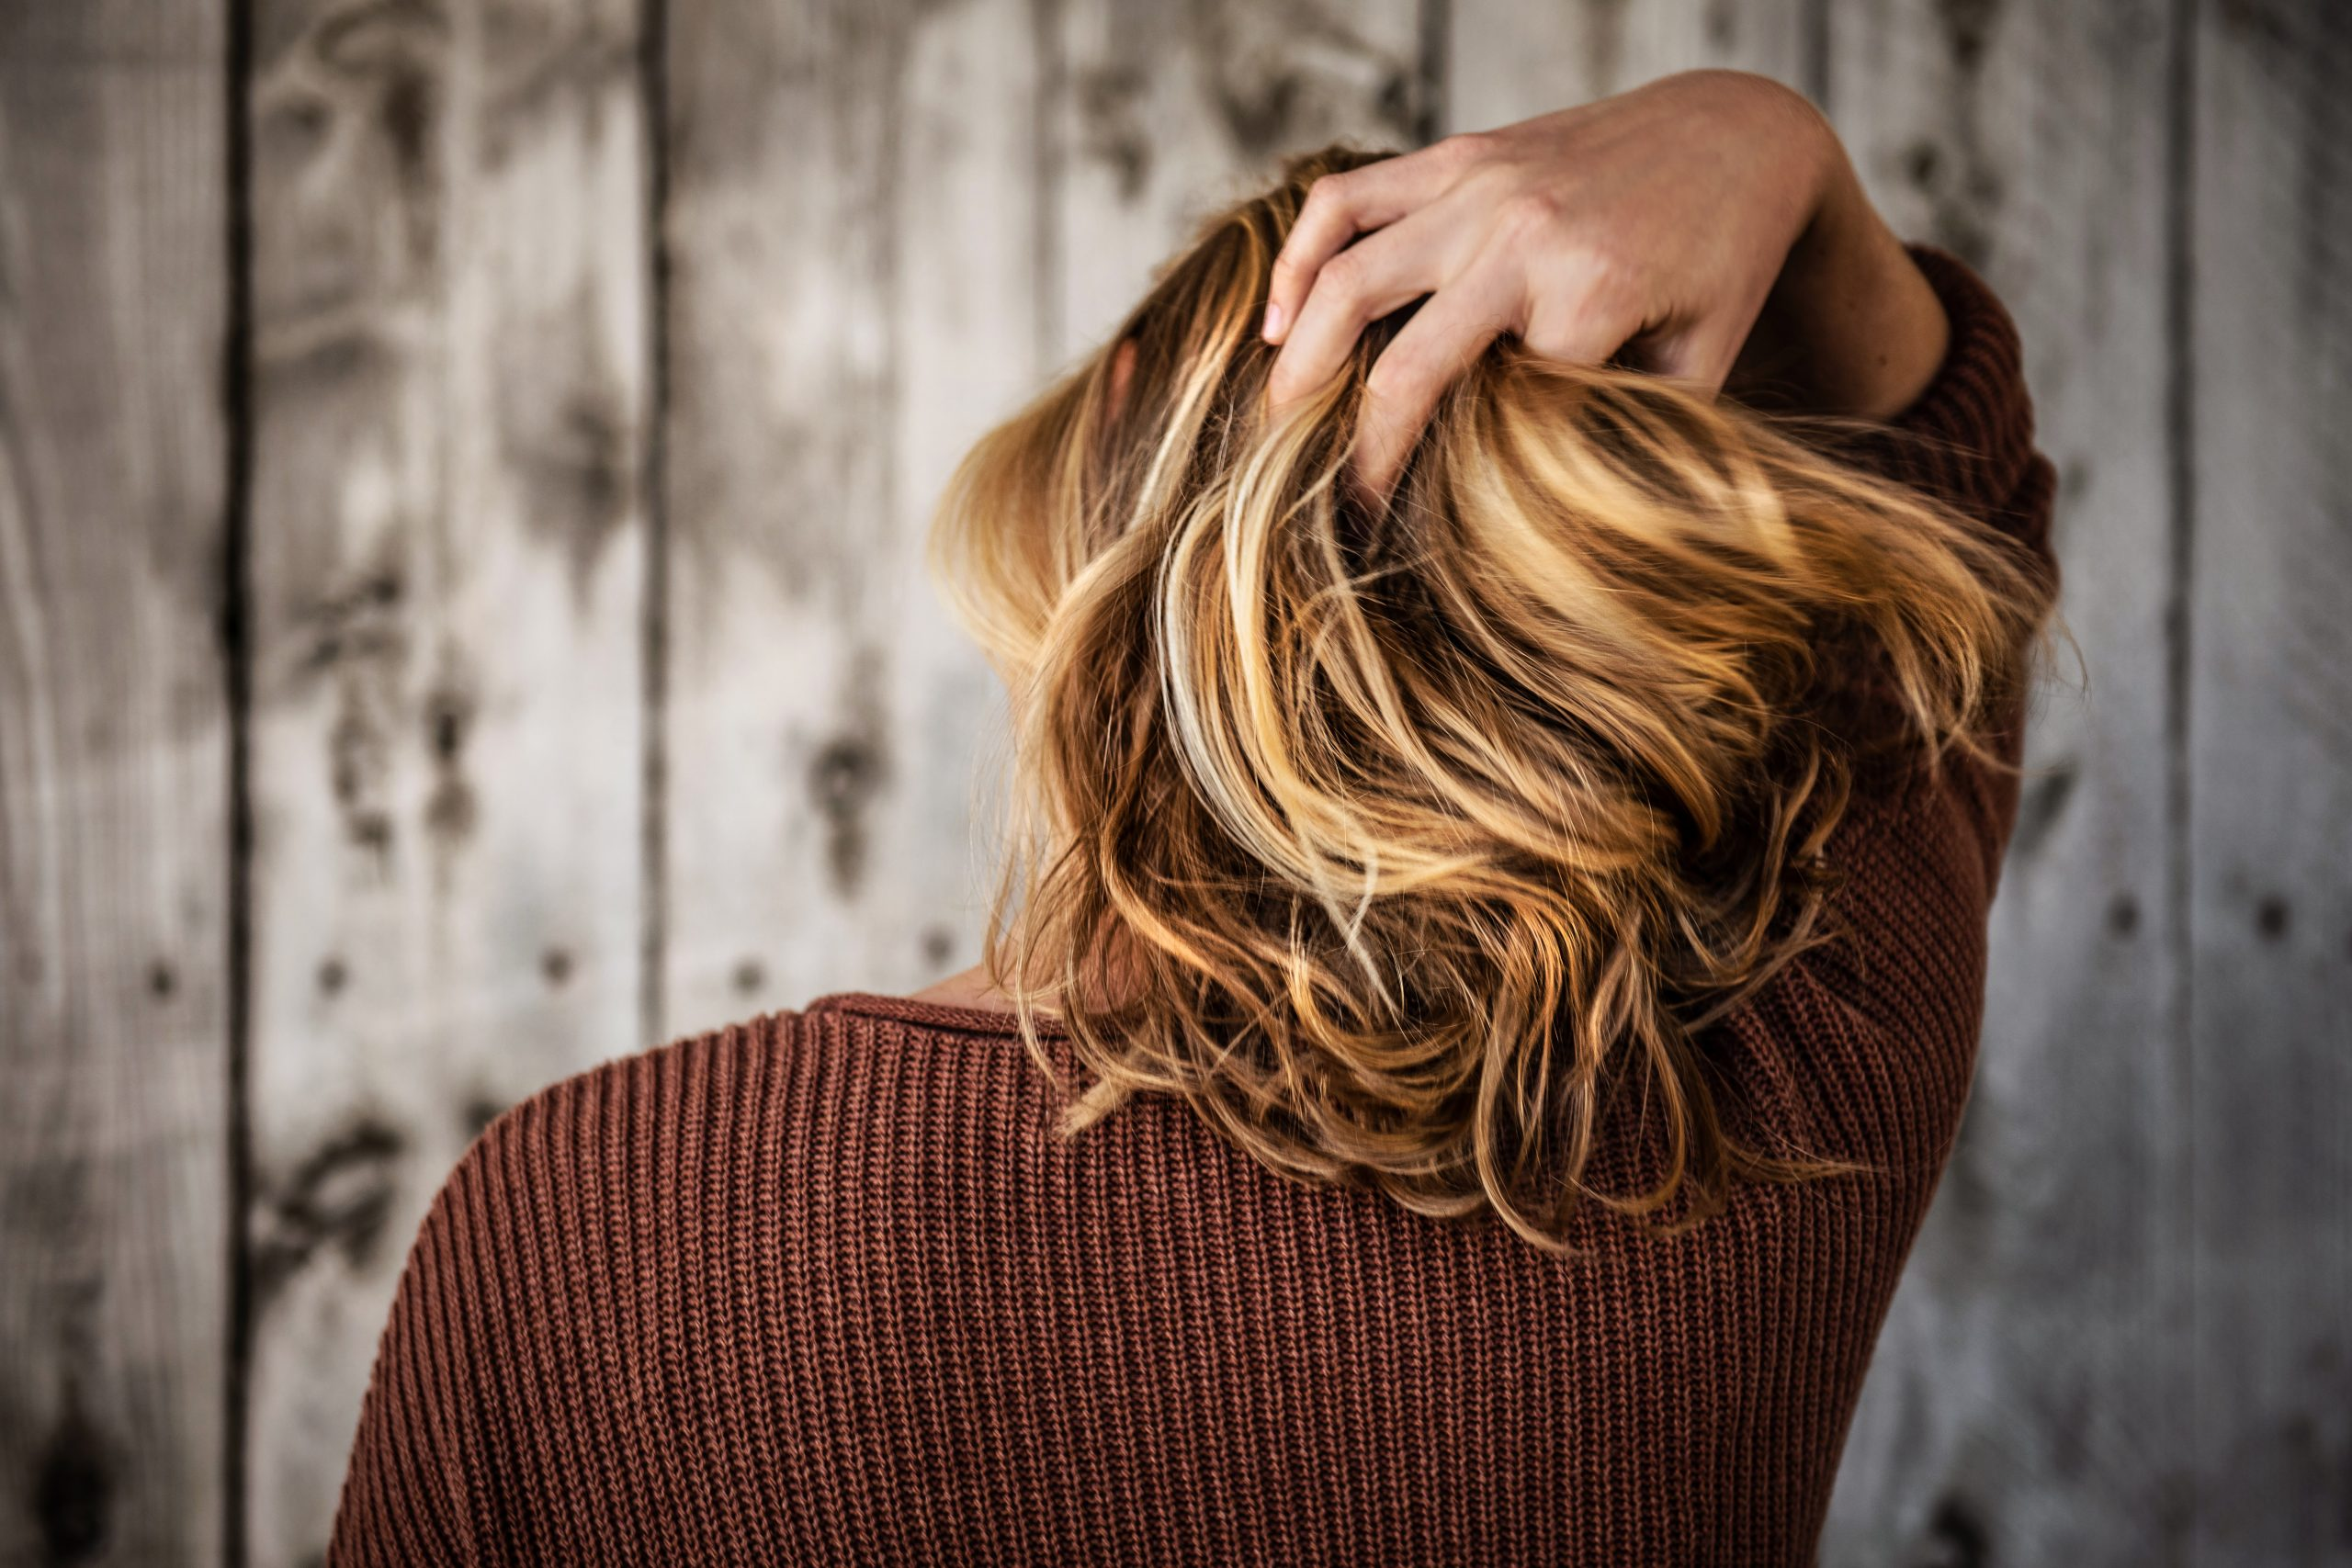 Miten huolehtia hiuksistaanSuomenilmastossa?